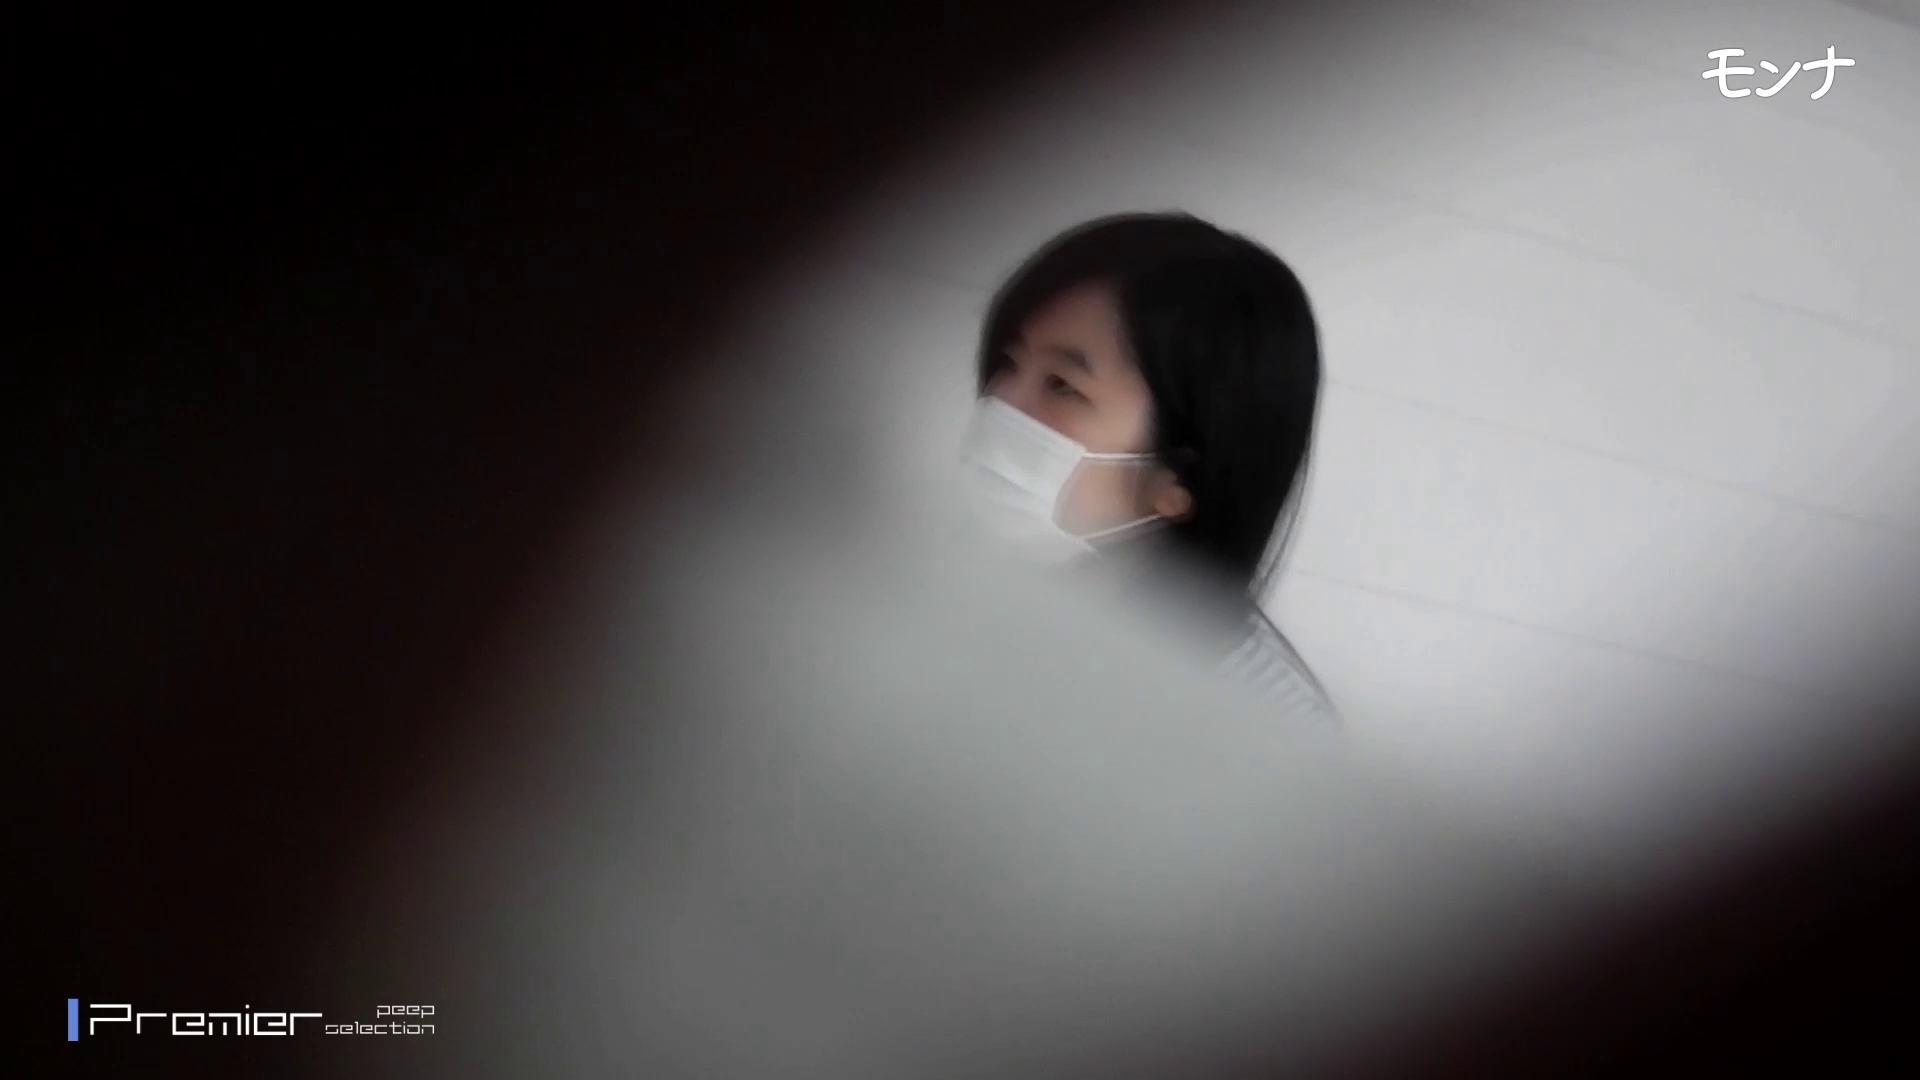 美しい日本の未来 No.73 自然なセクシーな仕草に感動中 フェチ セックス無修正動画無料 57画像 38